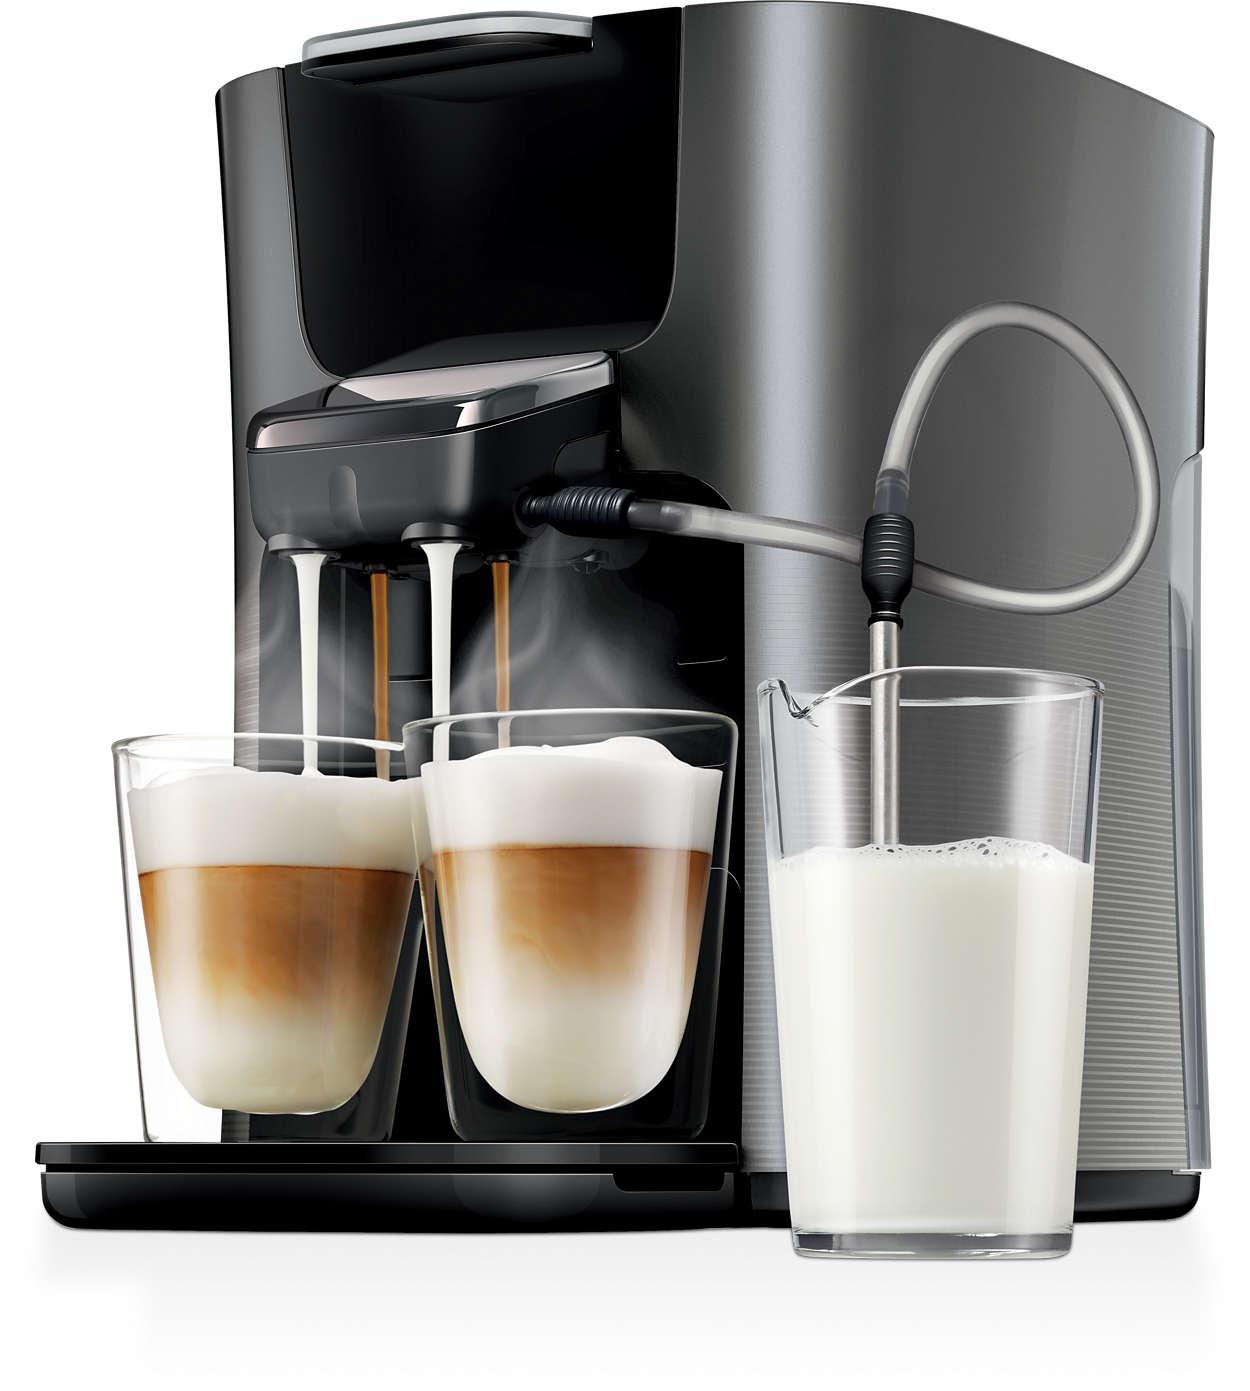 Vihdoinkin kaksi cappuccinoa kerralla tuoreesta maidosta